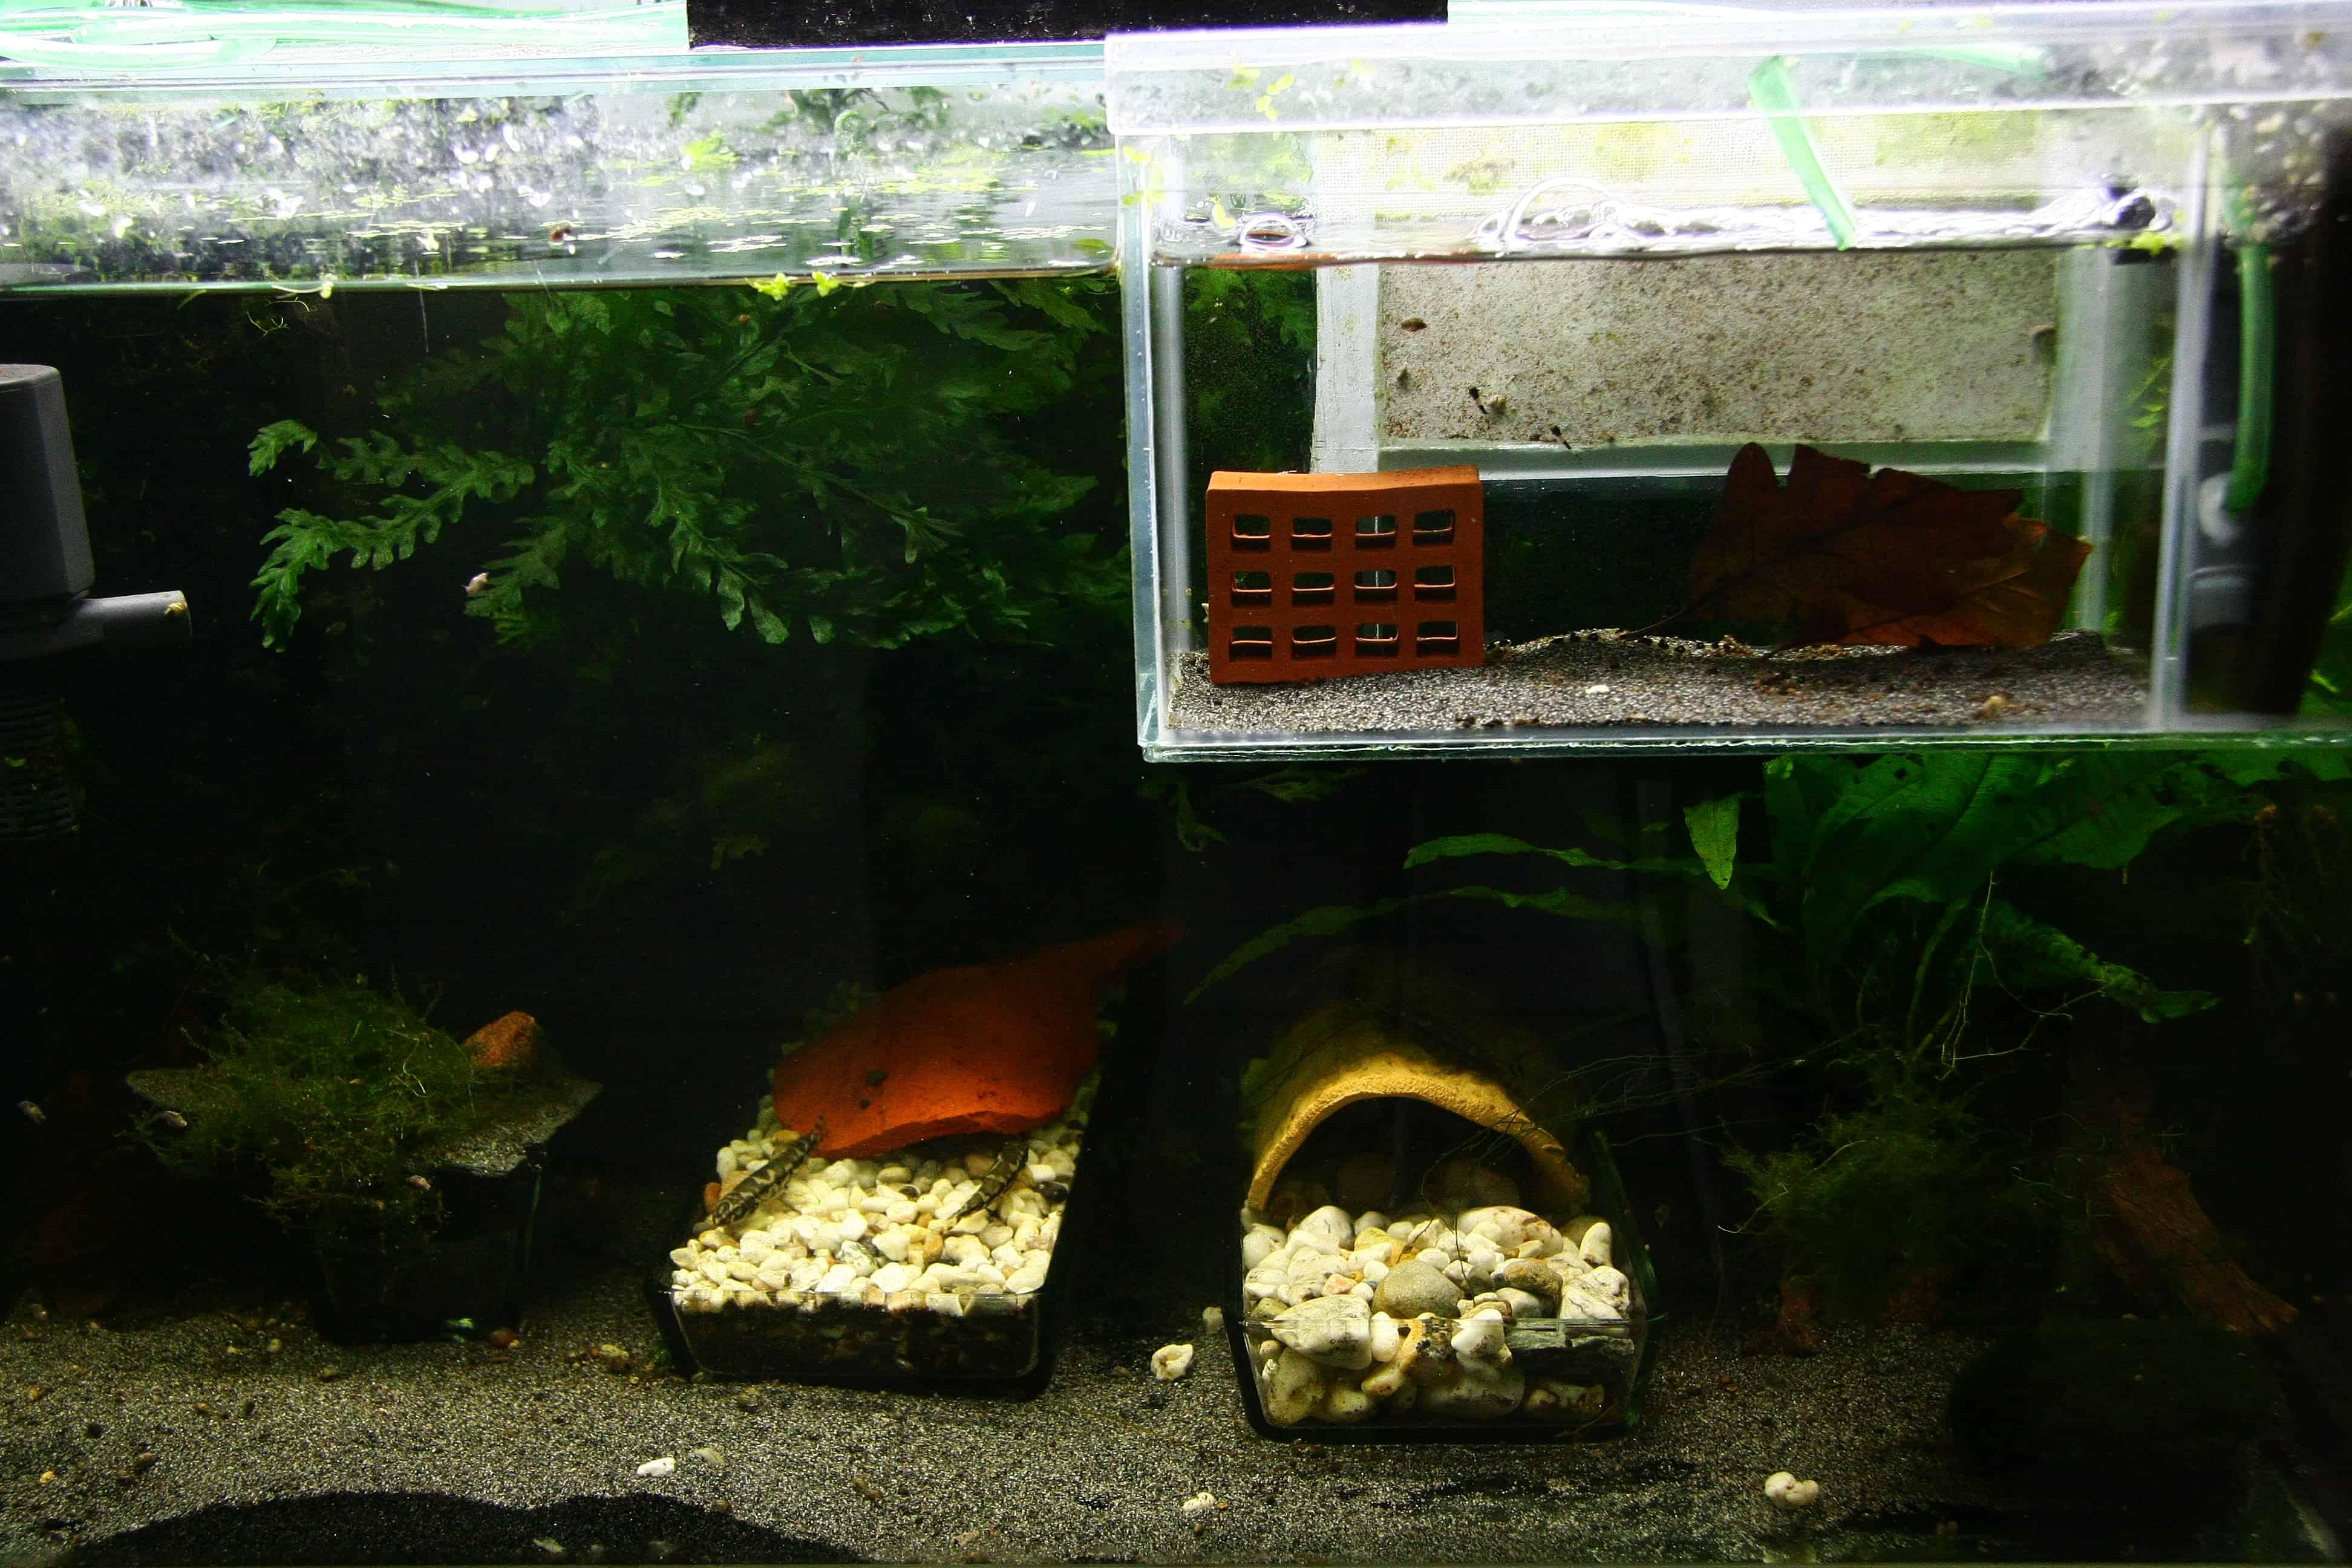 Zuchtaquarium mit Sandboden, Kiesschalen und Einhängekasten für Jungtiere